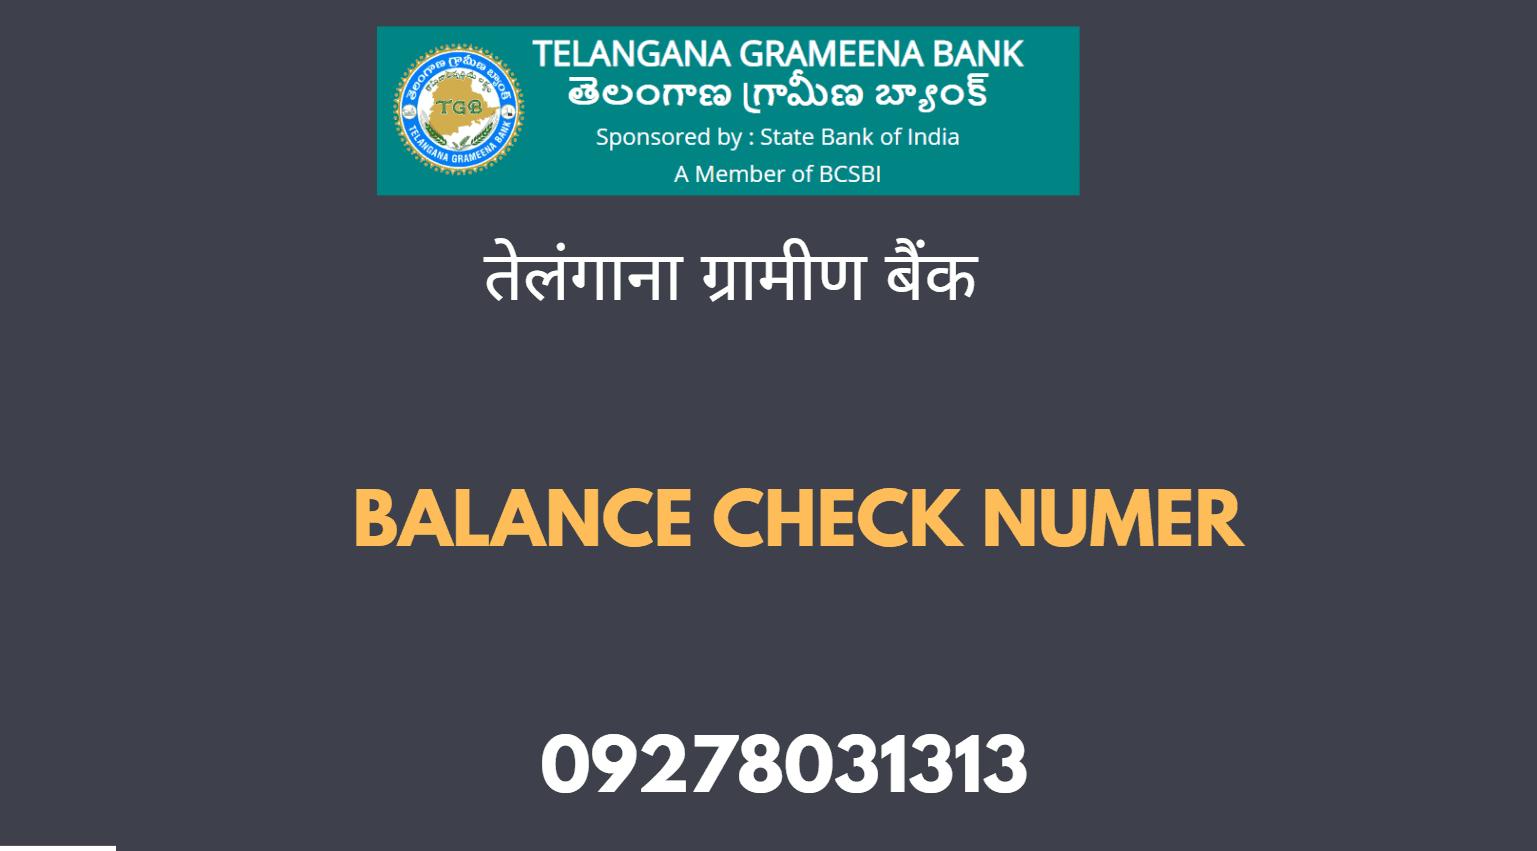 telangana grameena bank balance check number